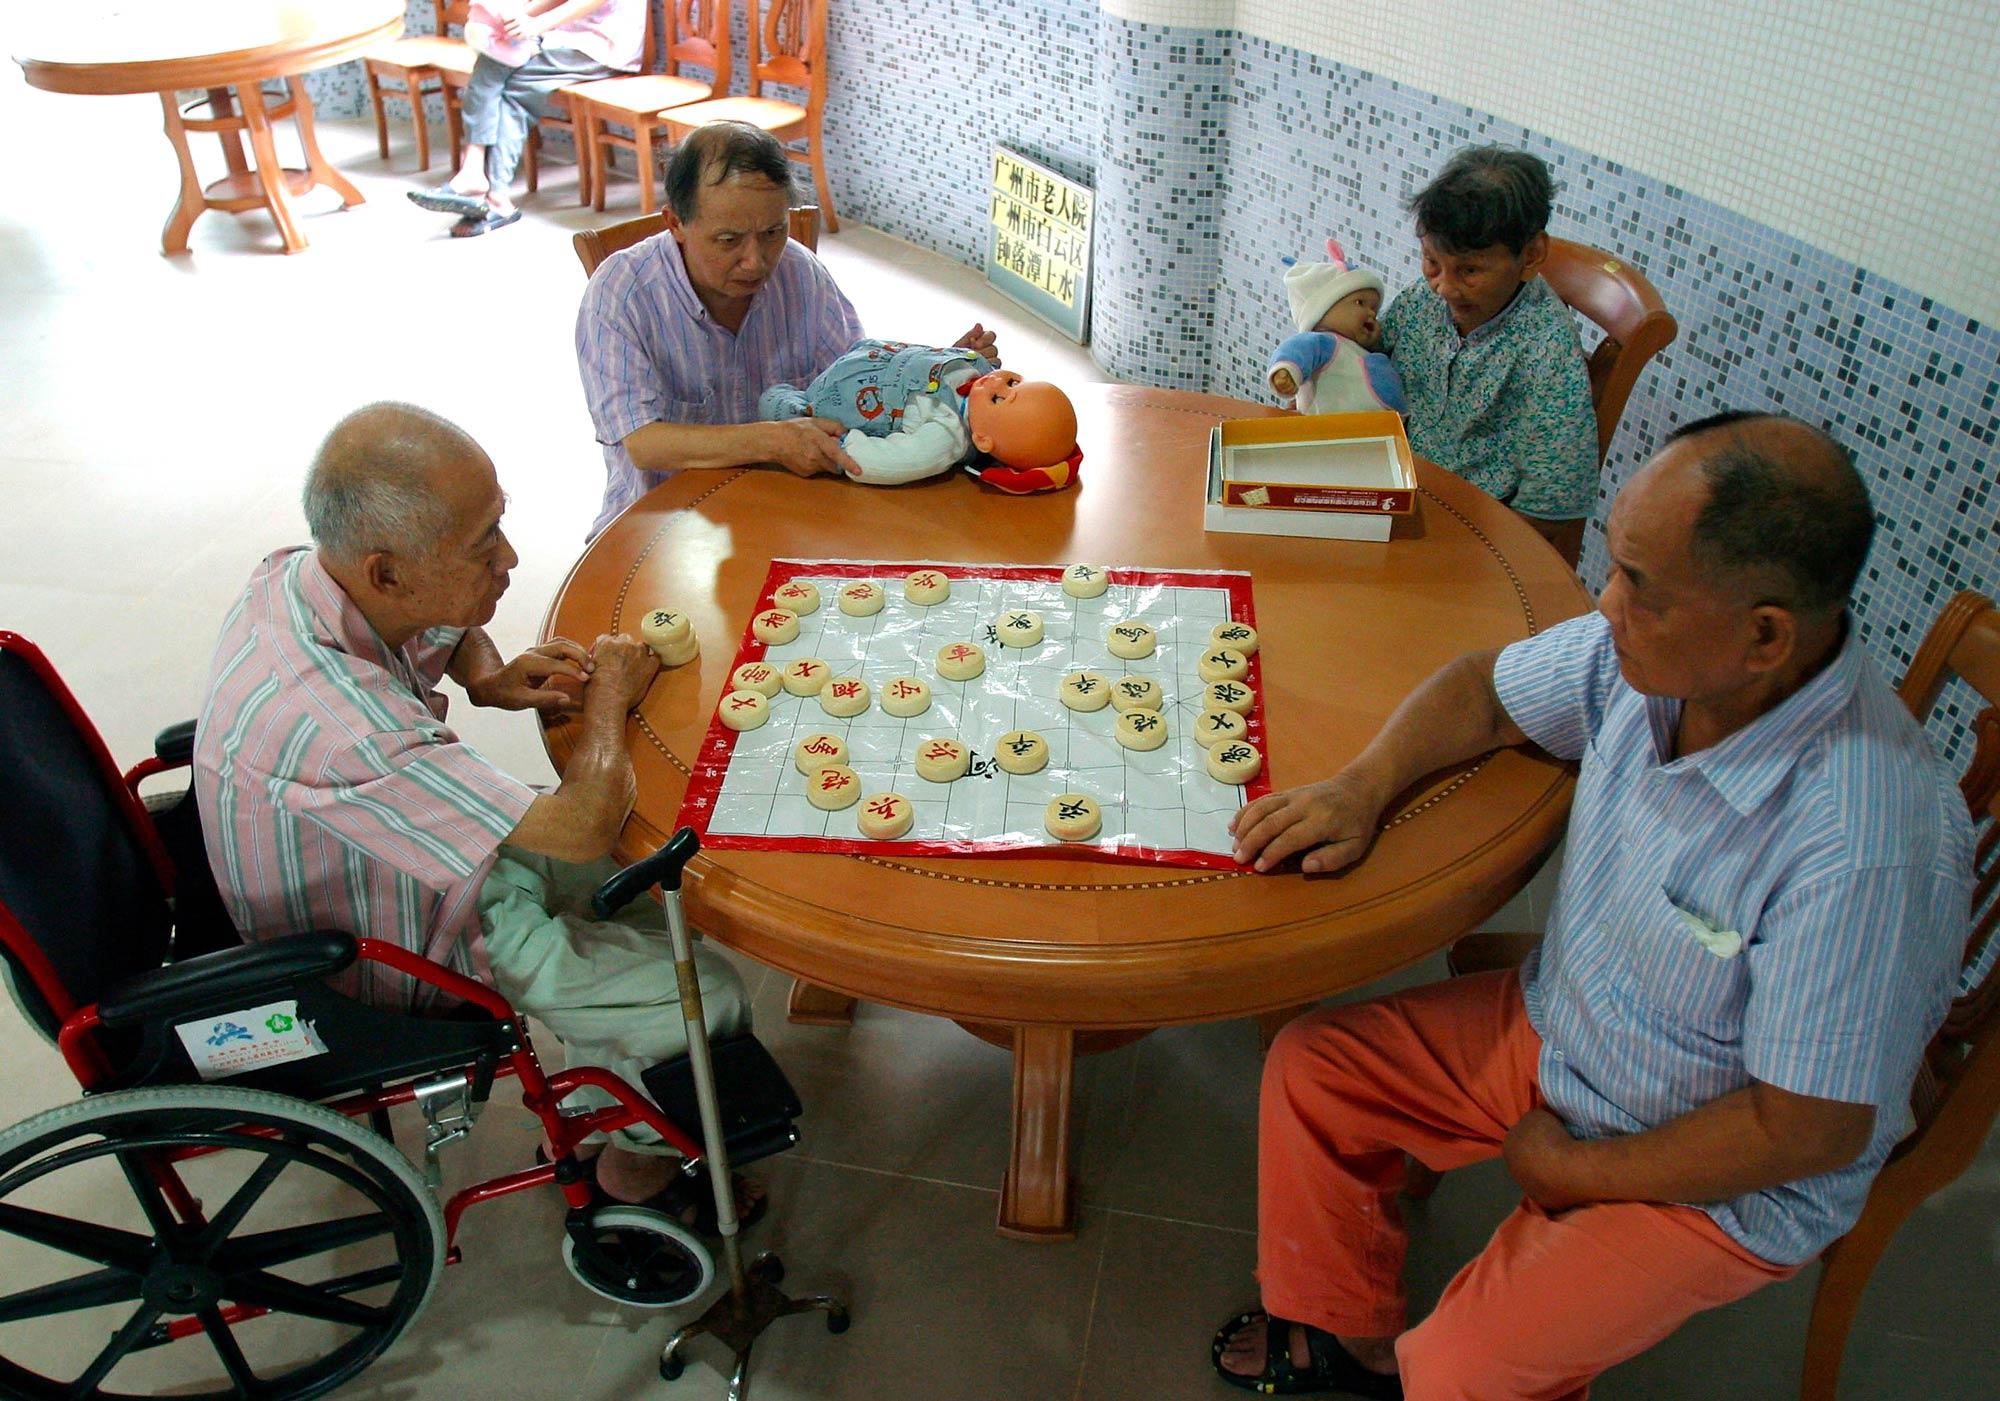 alz 03 - «Олигоманнат»: наконец-то новое лекарство против болезни Альцгеймера